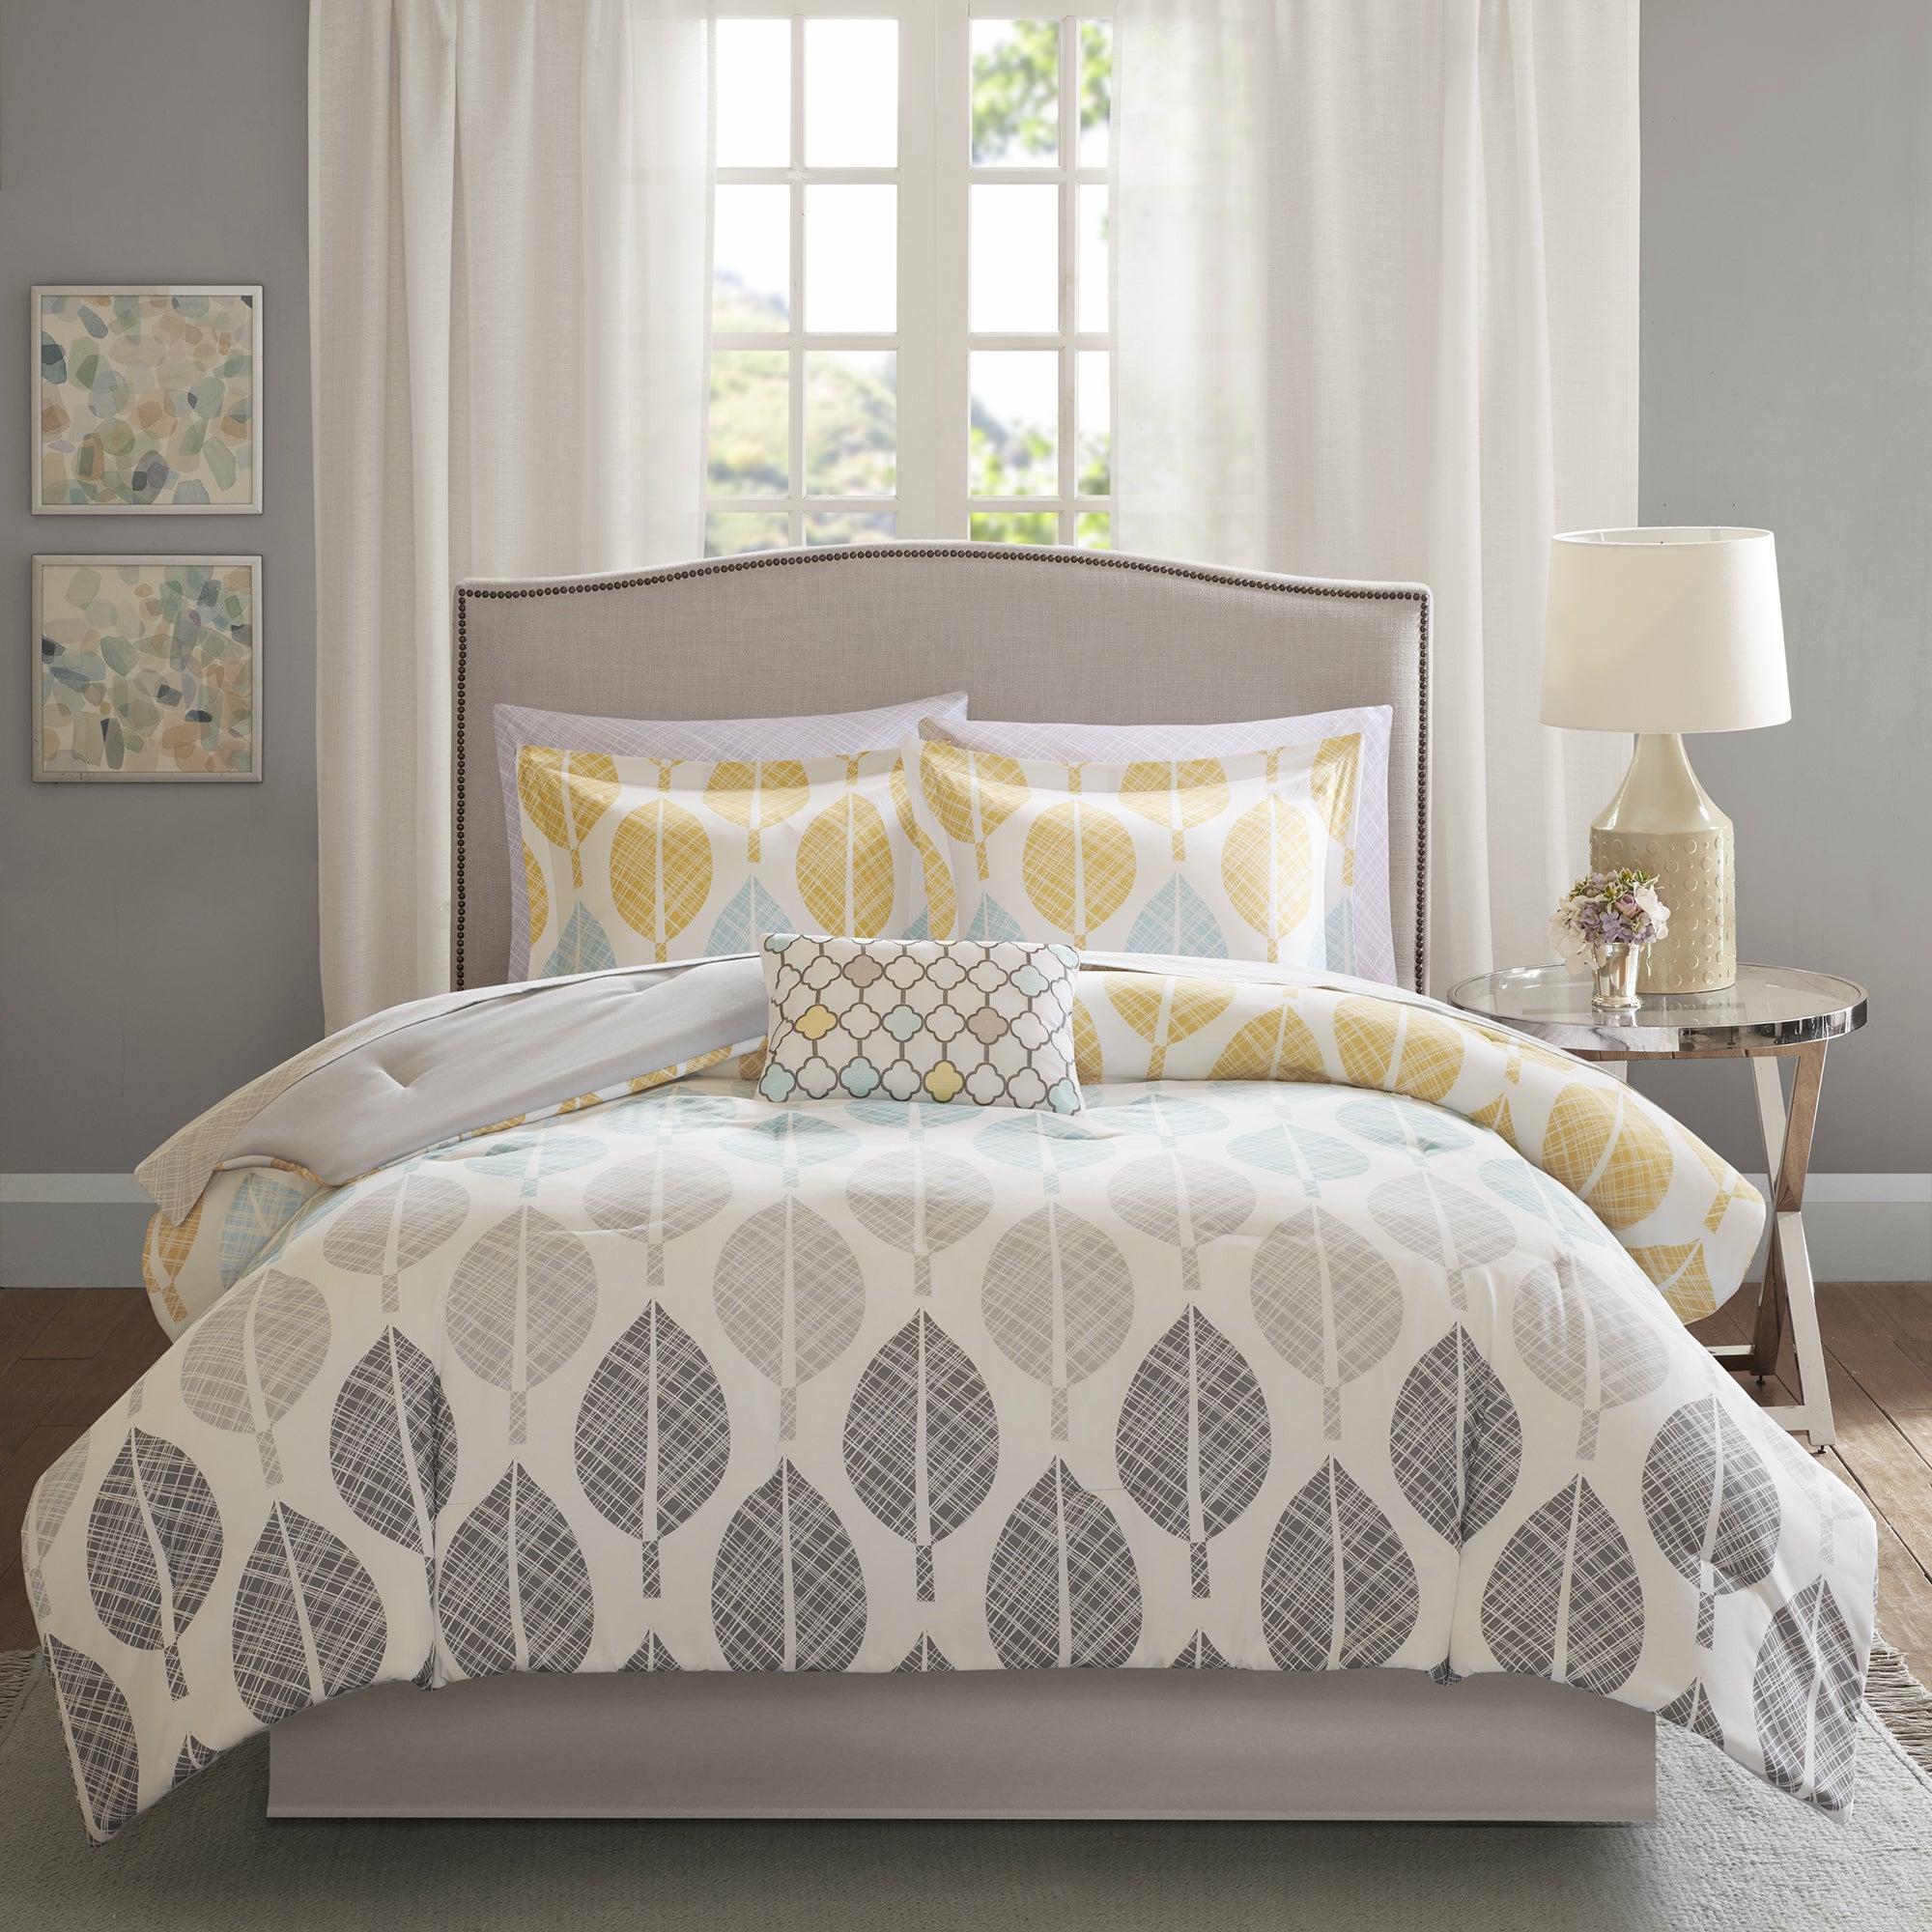 Un linge de lit de couleur pastel claires